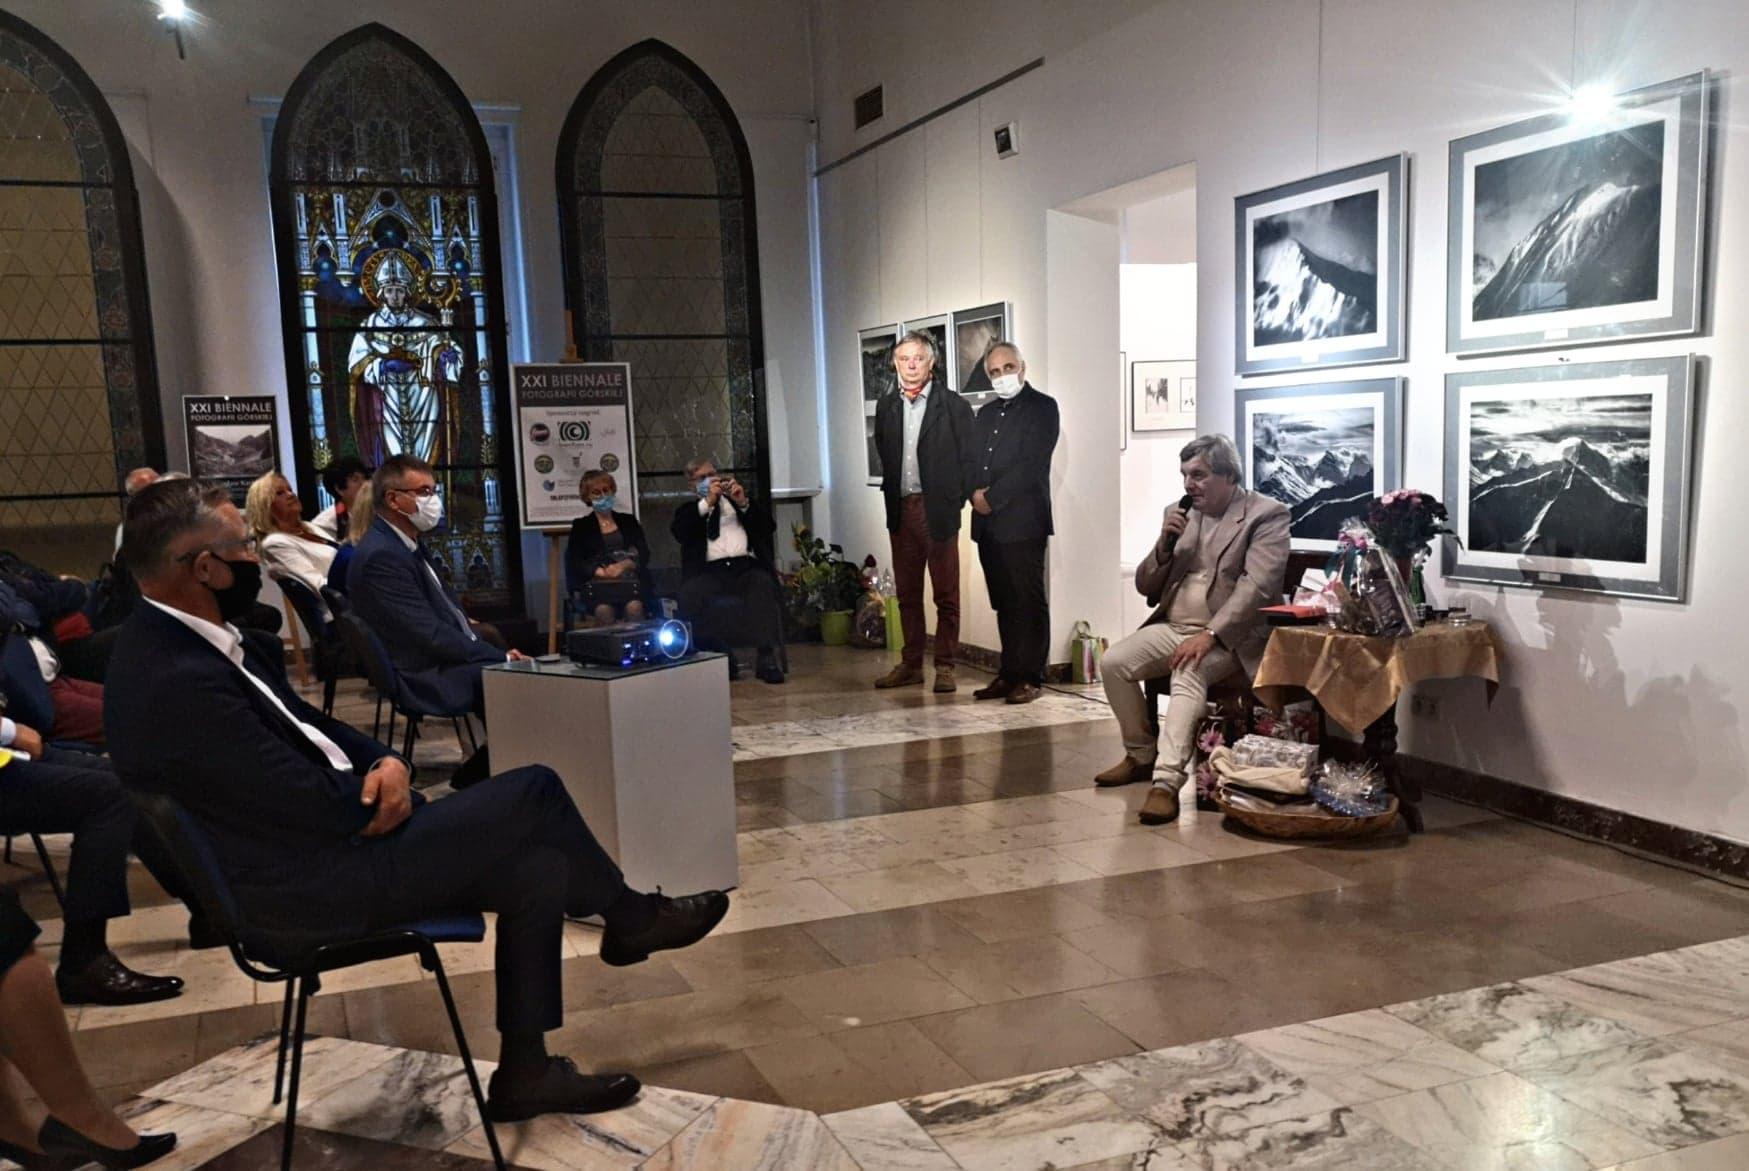 Na zdjęciu Jubilat w otoczeniu dyrektora muzeum oraz przybyłych gości